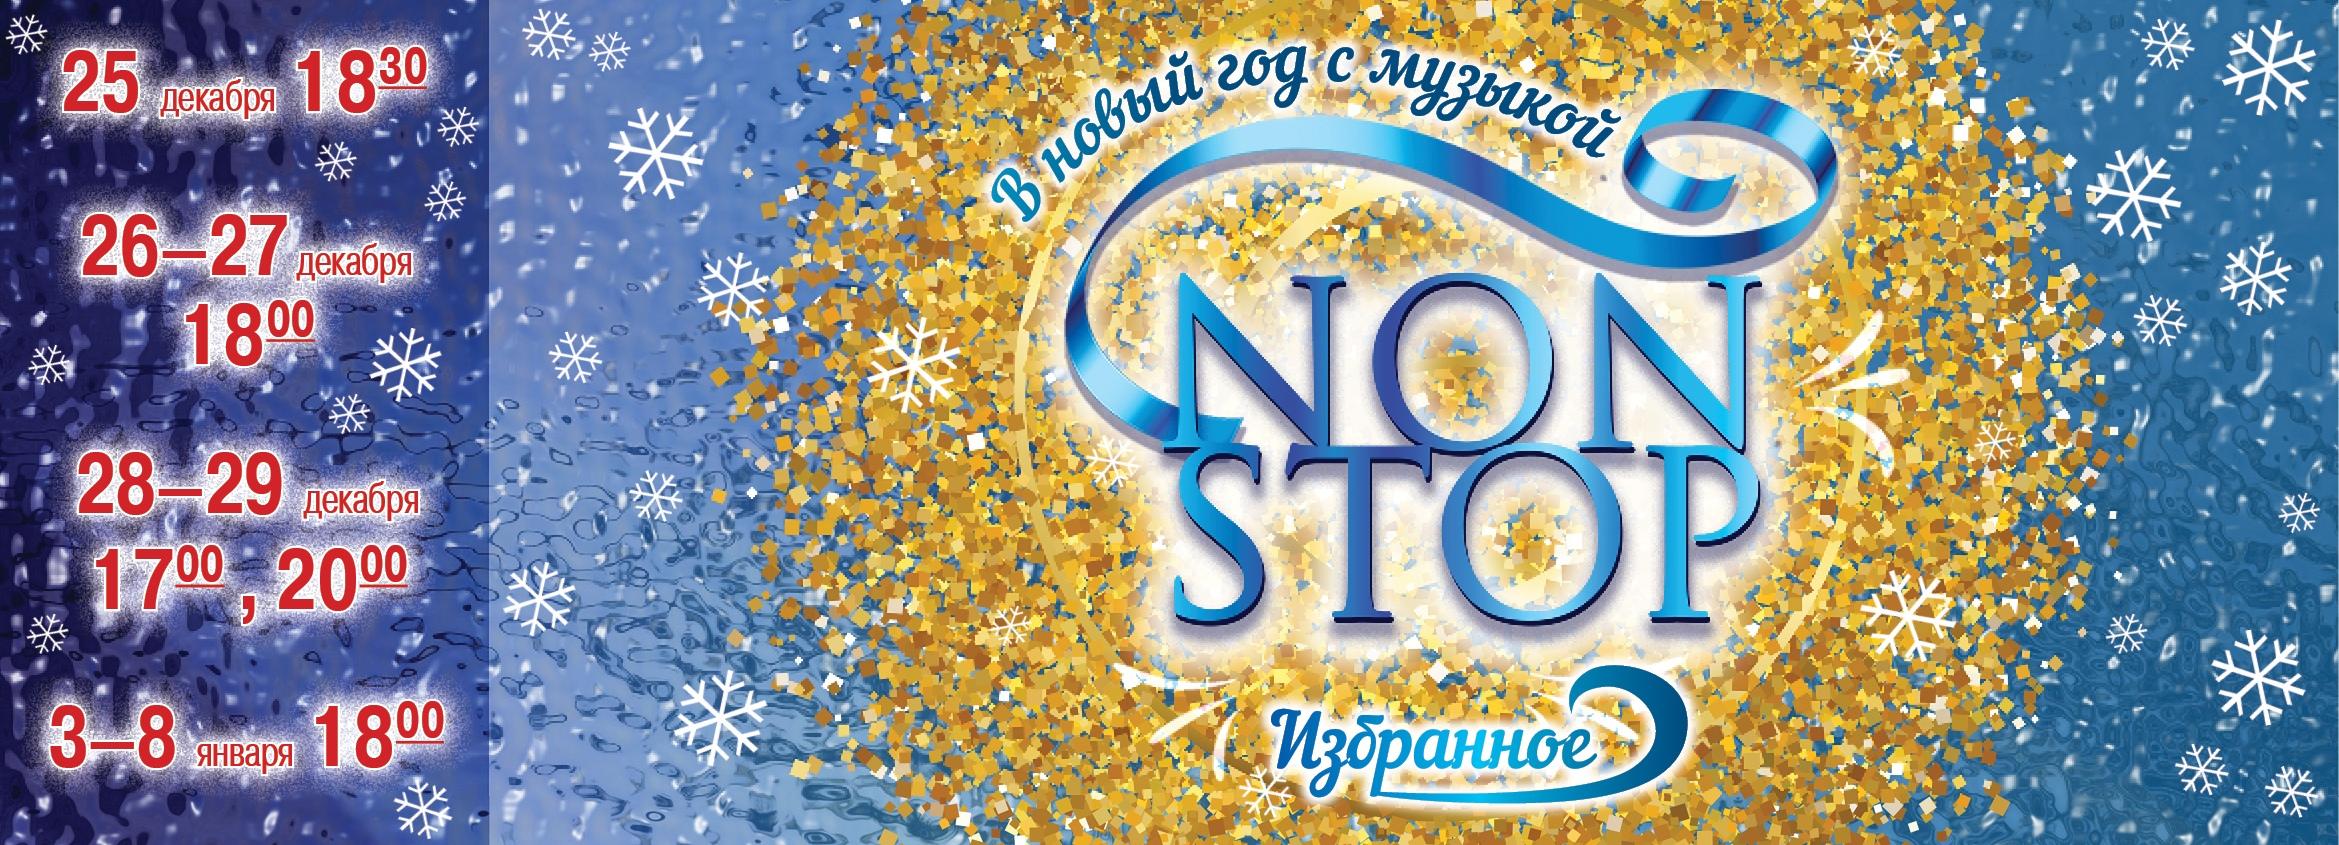 Тверская филармония приглашает отметить Новый год с музыкой NON-STOP